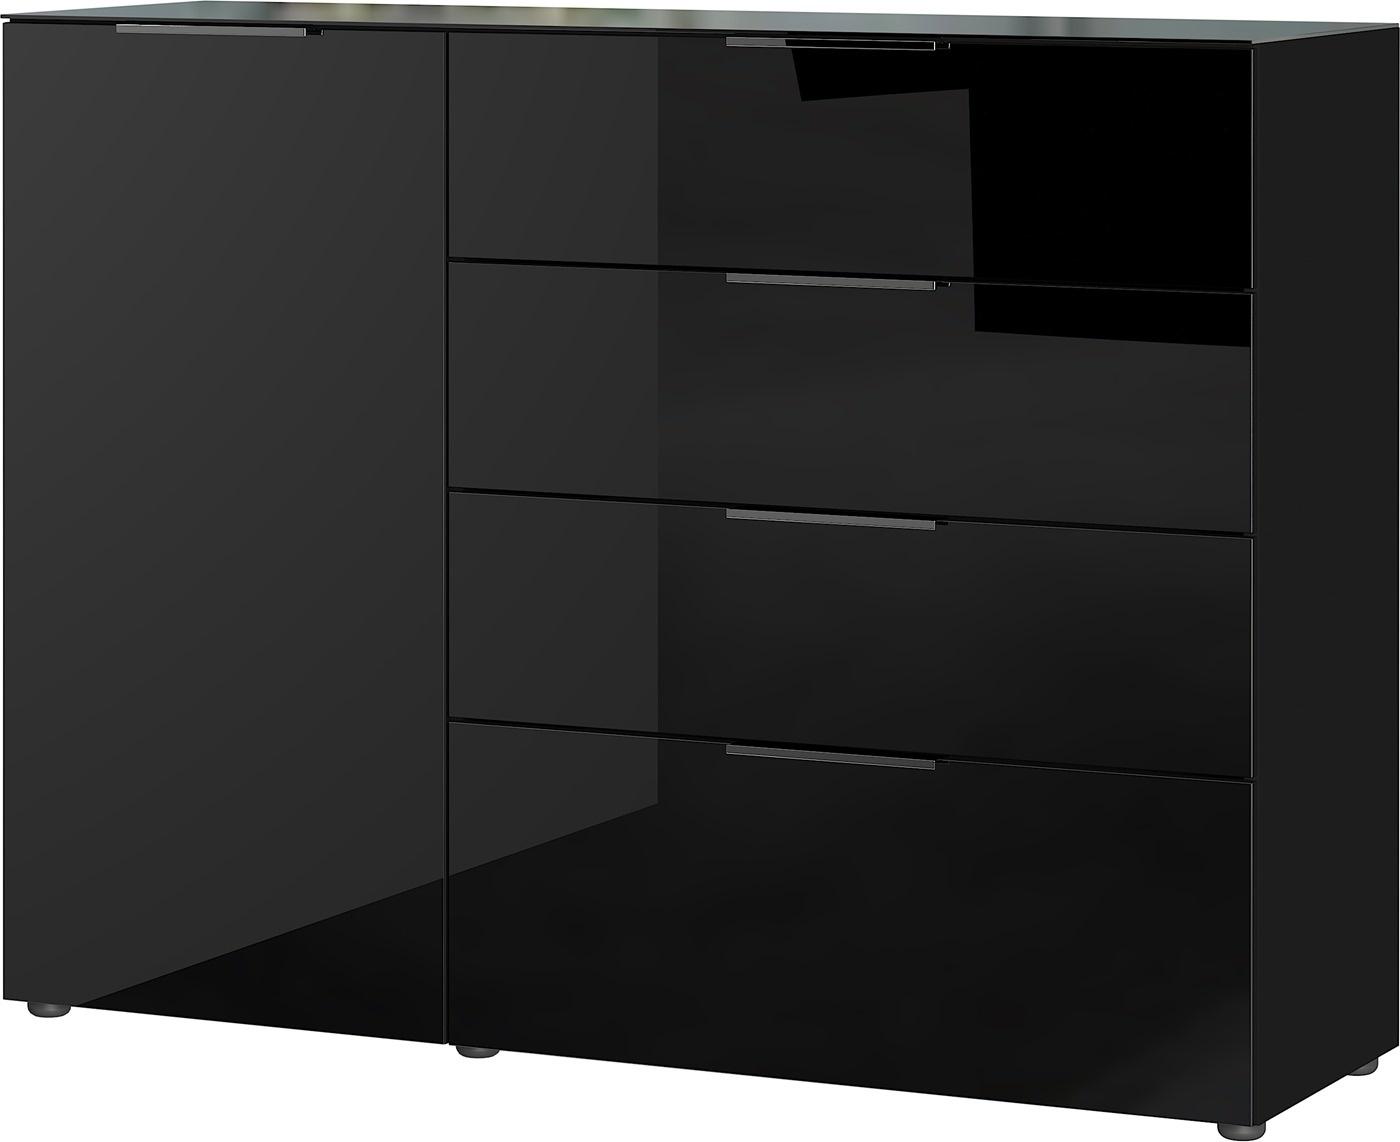 Dressoir Oakland 134 cm breed in zwart